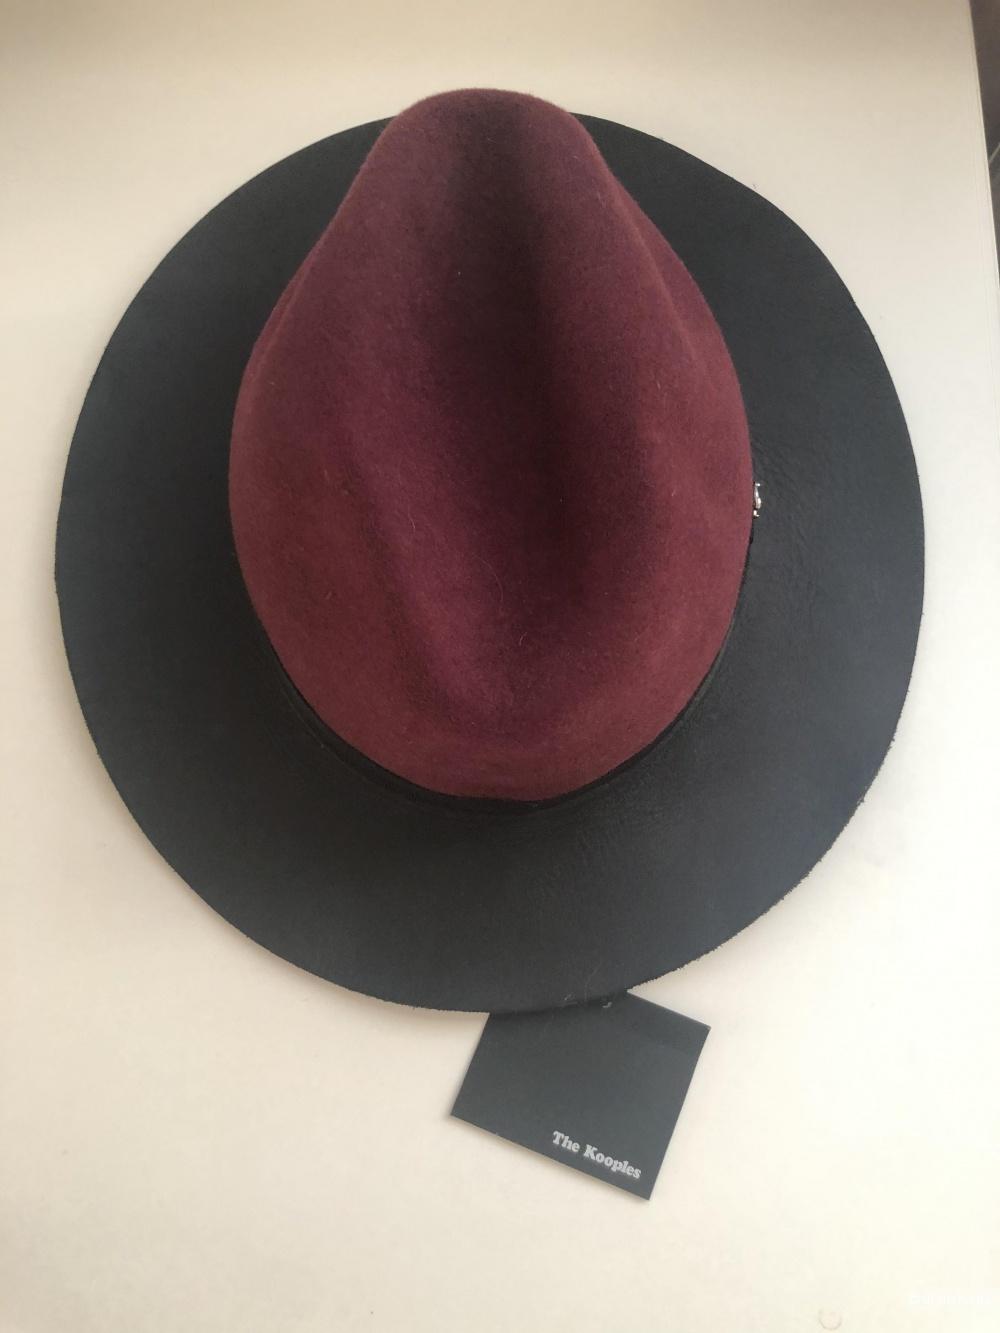 Шляпа Thekooples. Размер 55.